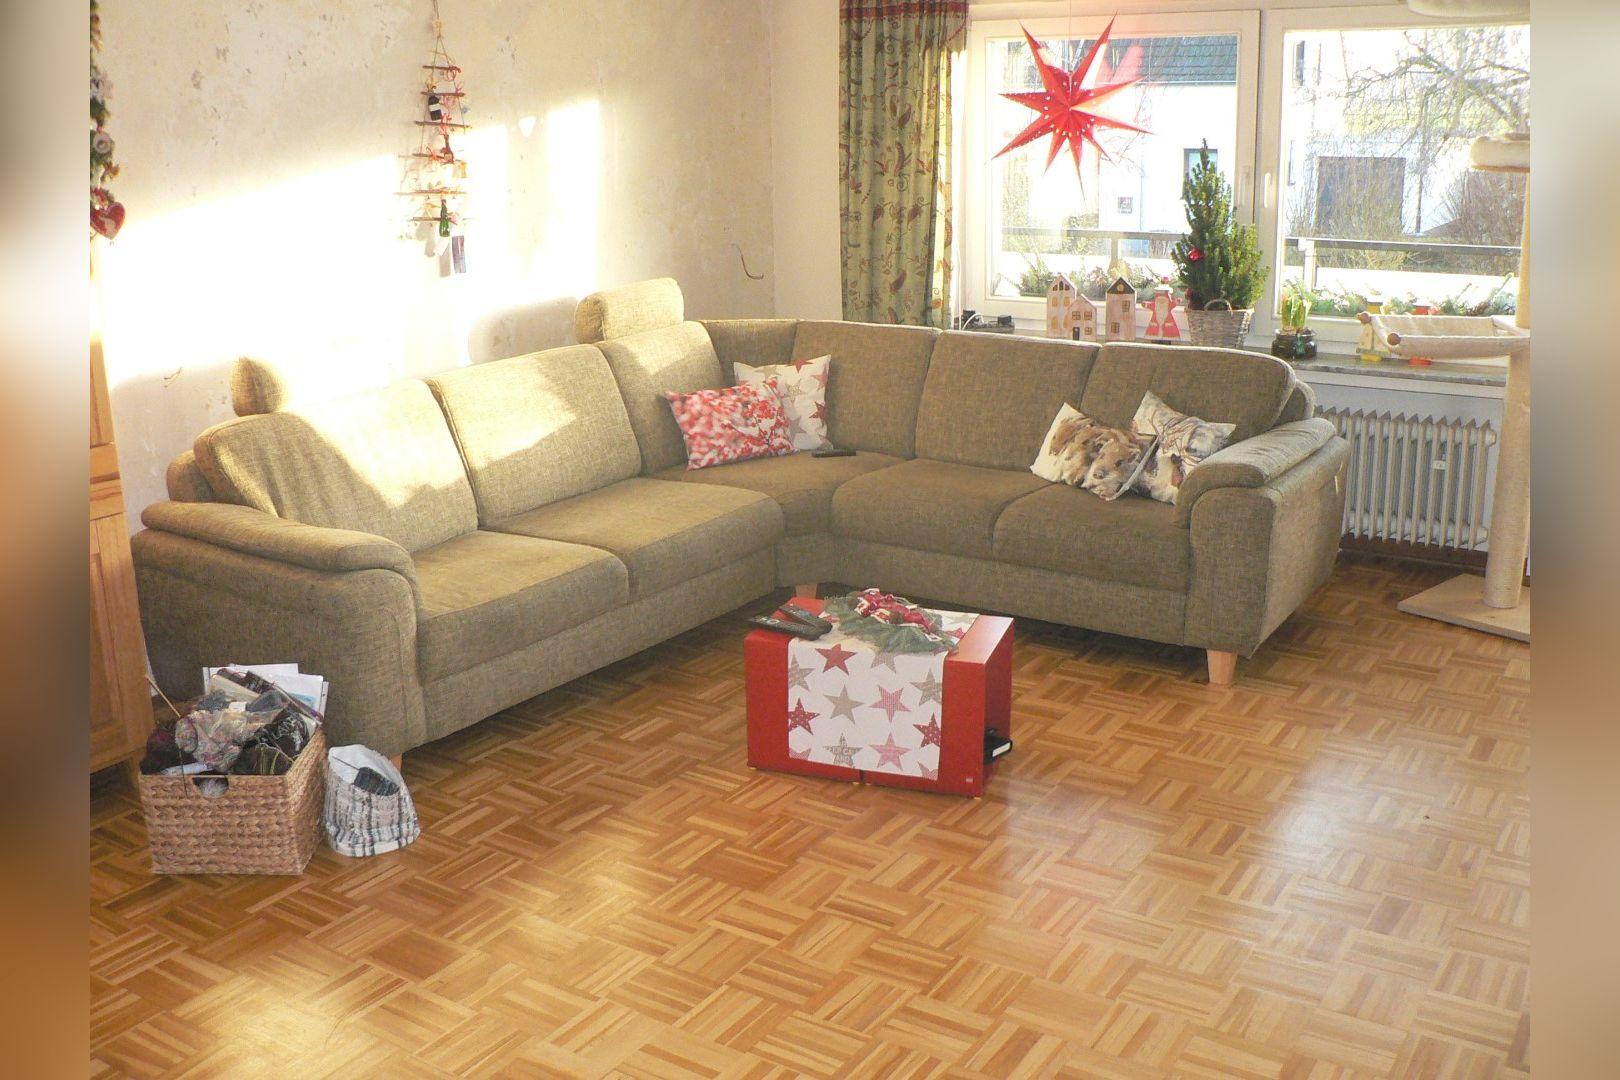 Immobilie Nr.0247 - Maisonette-Whg. über EG u. Sout. mit Loggia u. Garage  - Bild 8.jpg